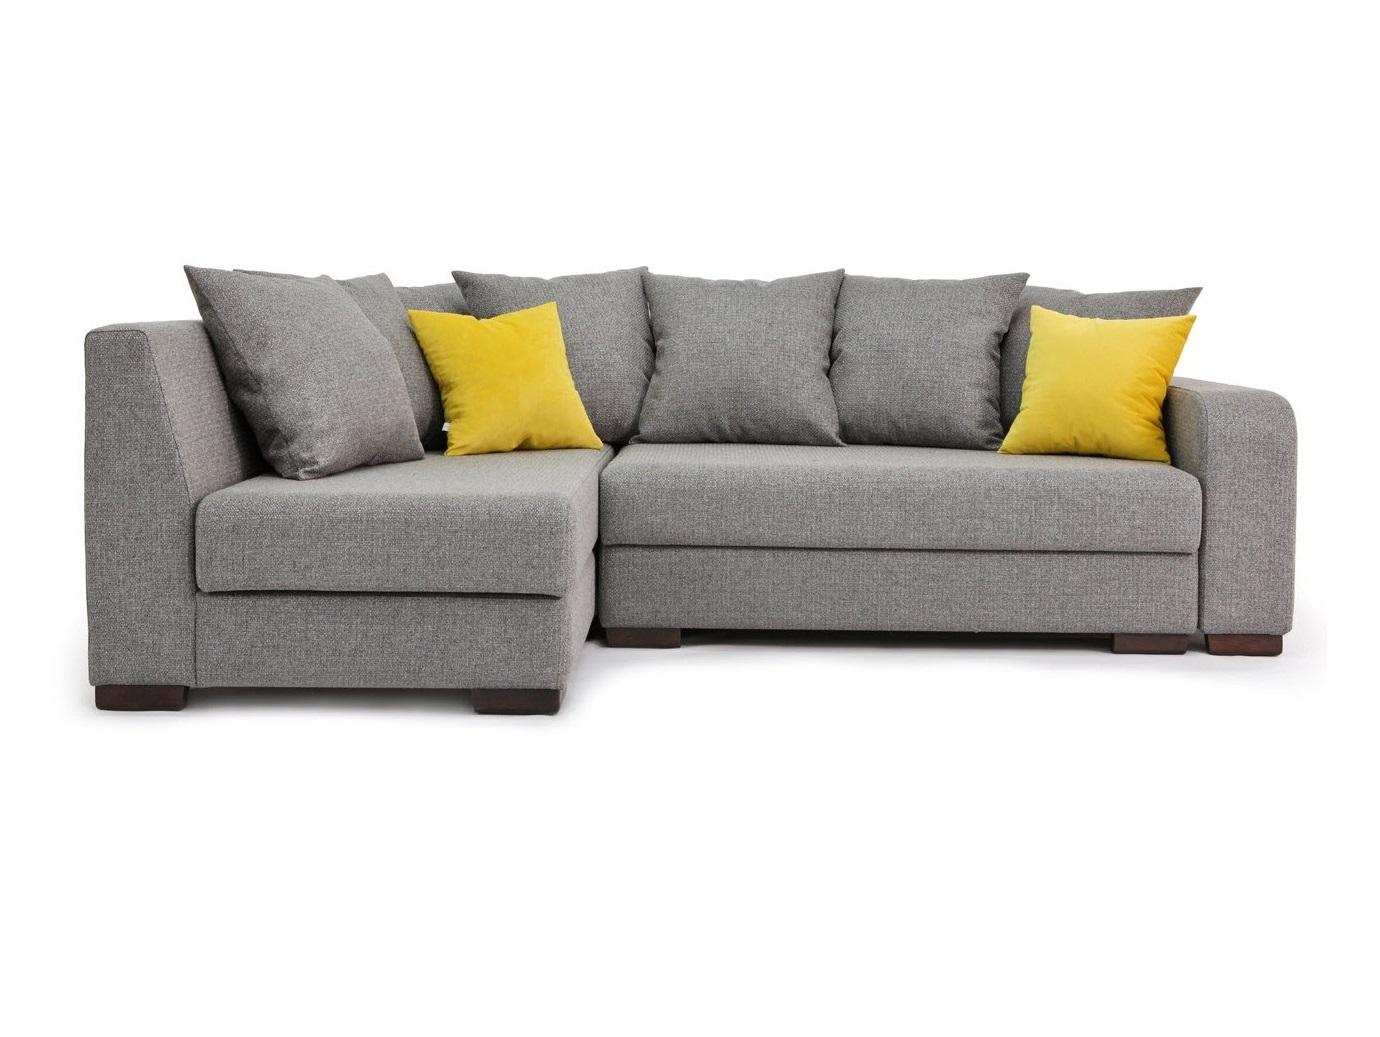 Диван ЛондонУгловые раскладные диваны<br>Угловой диван &amp;quot;Лондон&amp;quot; - это модель европейского стиля как для комфортного сидения, так и для сна на каждый день! Он будет украшением гостиной и предметом повседневного использования, сохраняя качество и первозданный вид на долгие годы. Он сочетает в себе несовместимые на первый взгляд вещи - небольшие размеры и все плюсы полноценного углового дивана - надежное и удобное спальное место и вместительный ламинированный бельевой ящик обеспечивающий сохранность и чистоту белья, а также возможность влажной уборки.&amp;amp;nbsp;&amp;lt;div&amp;gt;&amp;lt;br&amp;gt;&amp;lt;/div&amp;gt;&amp;lt;div&amp;gt;Размеры спального места 205х150 см.&amp;amp;nbsp;&amp;lt;/div&amp;gt;&amp;lt;div&amp;gt;Механизм раскладывания в одно движение - &amp;quot;Пума&amp;quot;.&amp;amp;nbsp;&amp;lt;/div&amp;gt;&amp;lt;div&amp;gt;Декоративные подушки в комплект не входят.&amp;amp;nbsp;&amp;lt;/div&amp;gt;&amp;lt;div&amp;gt;Большой выбор обивочных тканей (подробности уточняйте у менеджера).&amp;lt;/div&amp;gt;<br><br>Material: Текстиль<br>Ширина см: 250<br>Высота см: 85<br>Глубина см: 173